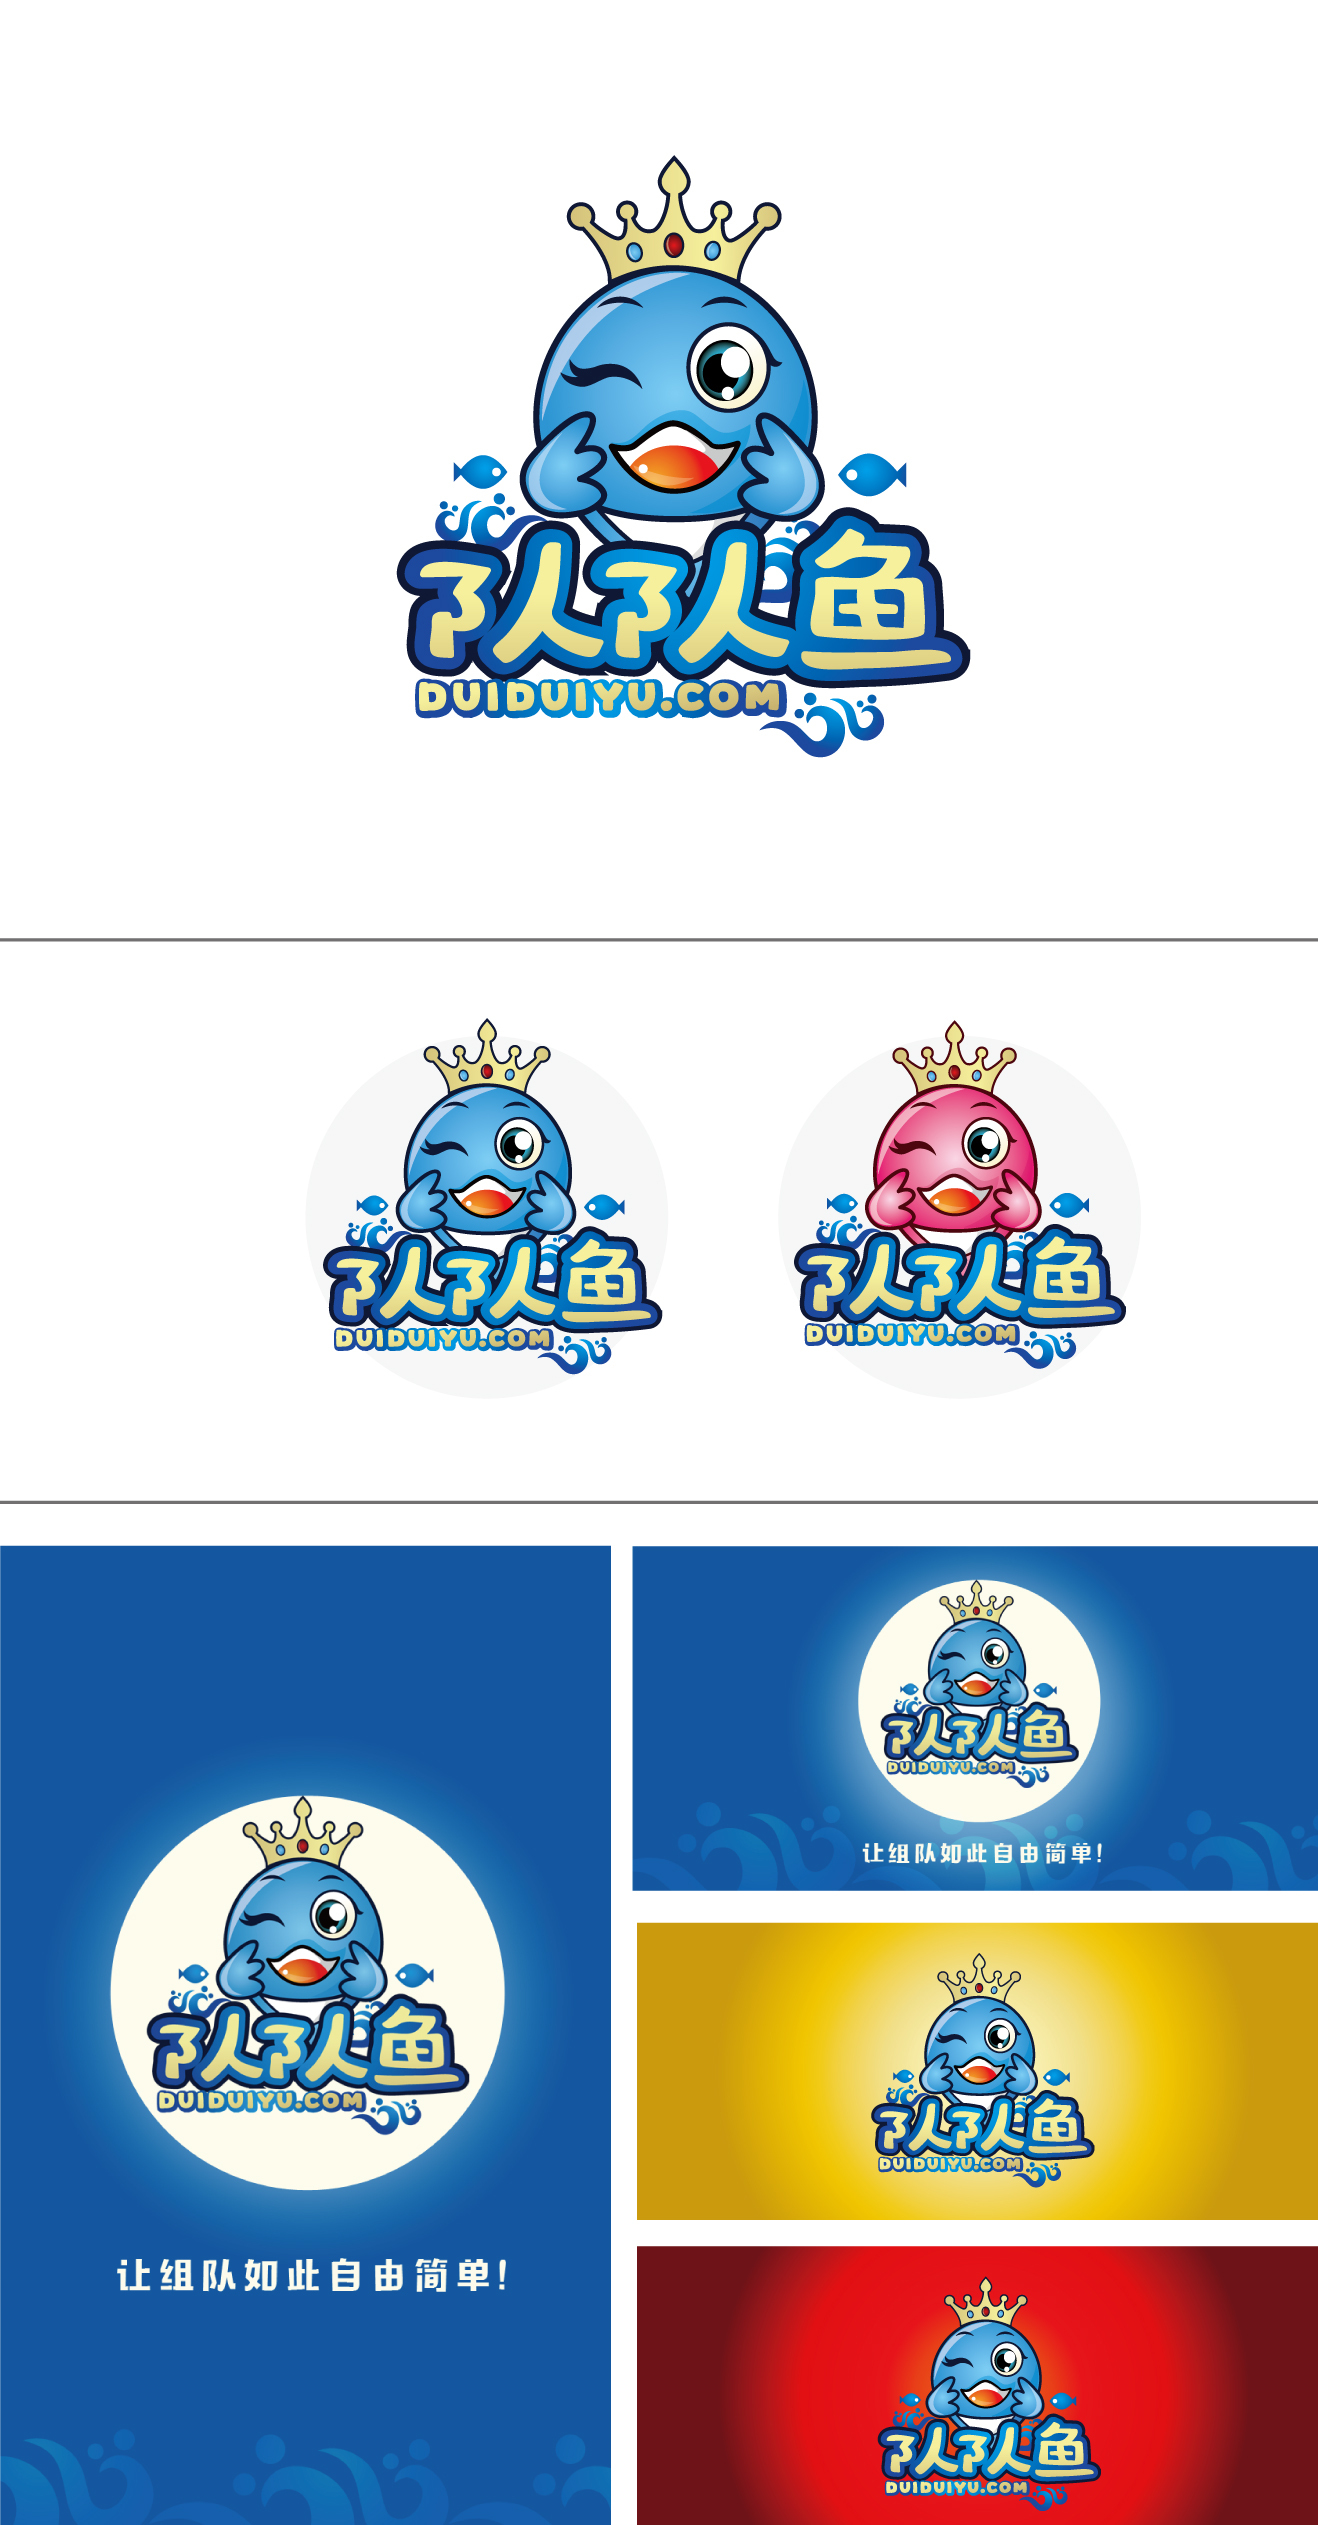 设计logo 服务细目: 项目简介: 游戏队标 以主题鱼 为设计 直观可爱